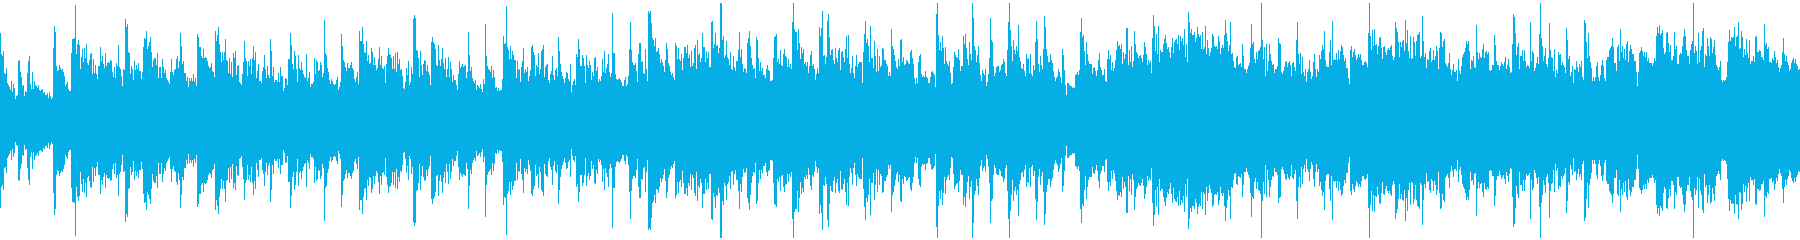 ゆったり和楽器ポップ・ループ仕様の再生済みの波形